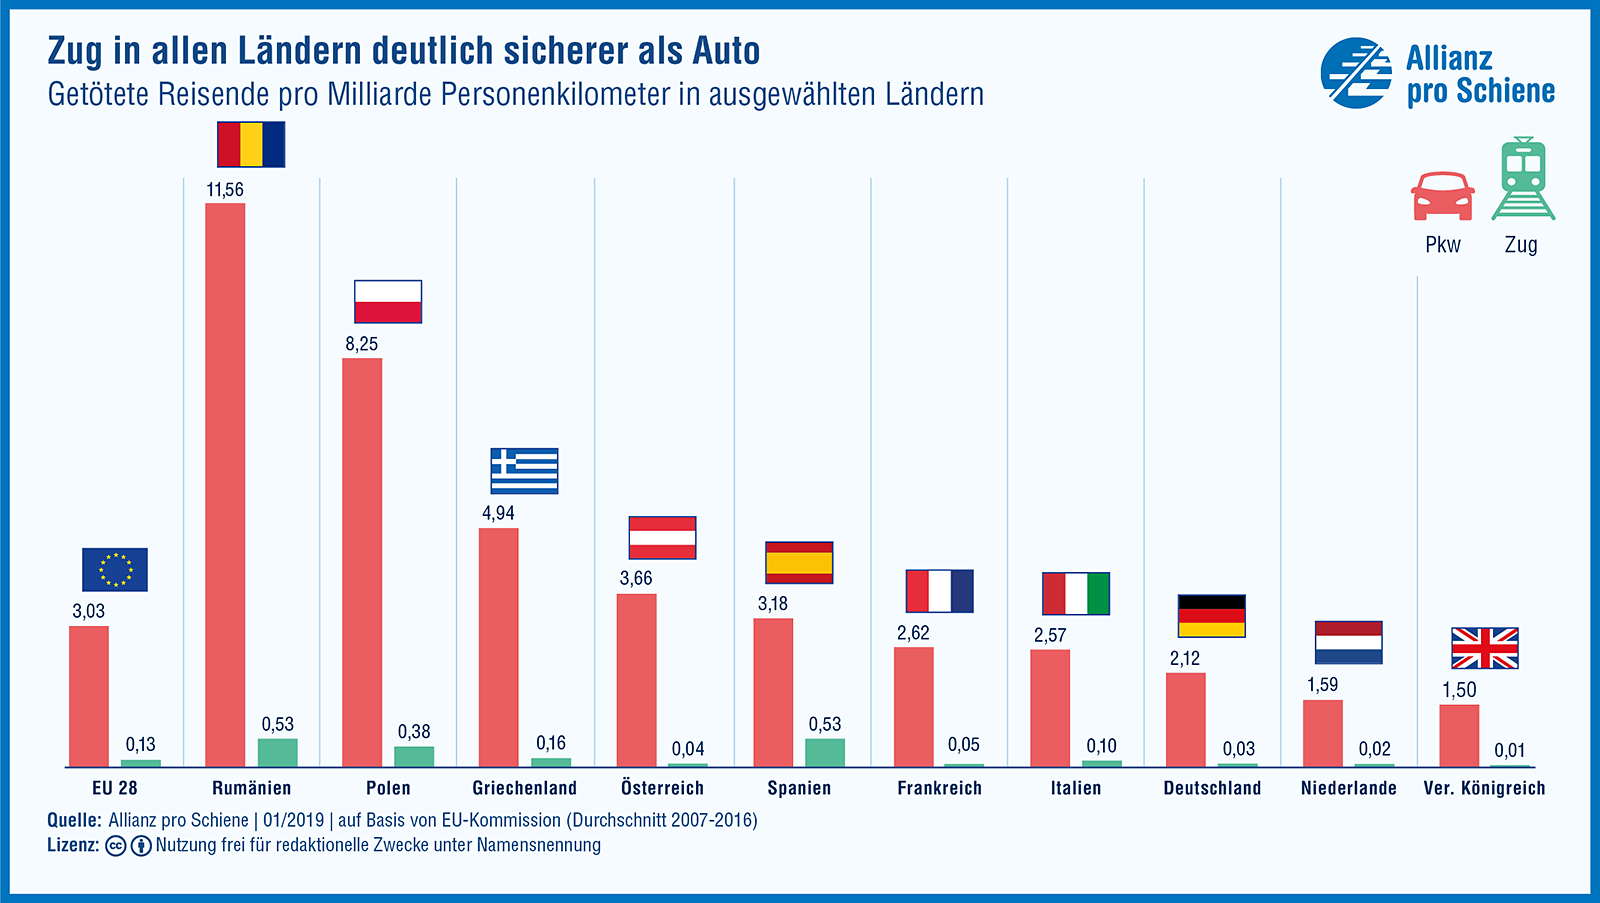 Zug in allen Ländern deutlich sicherer als der Pkw/ Sicherheitsvergleich EU